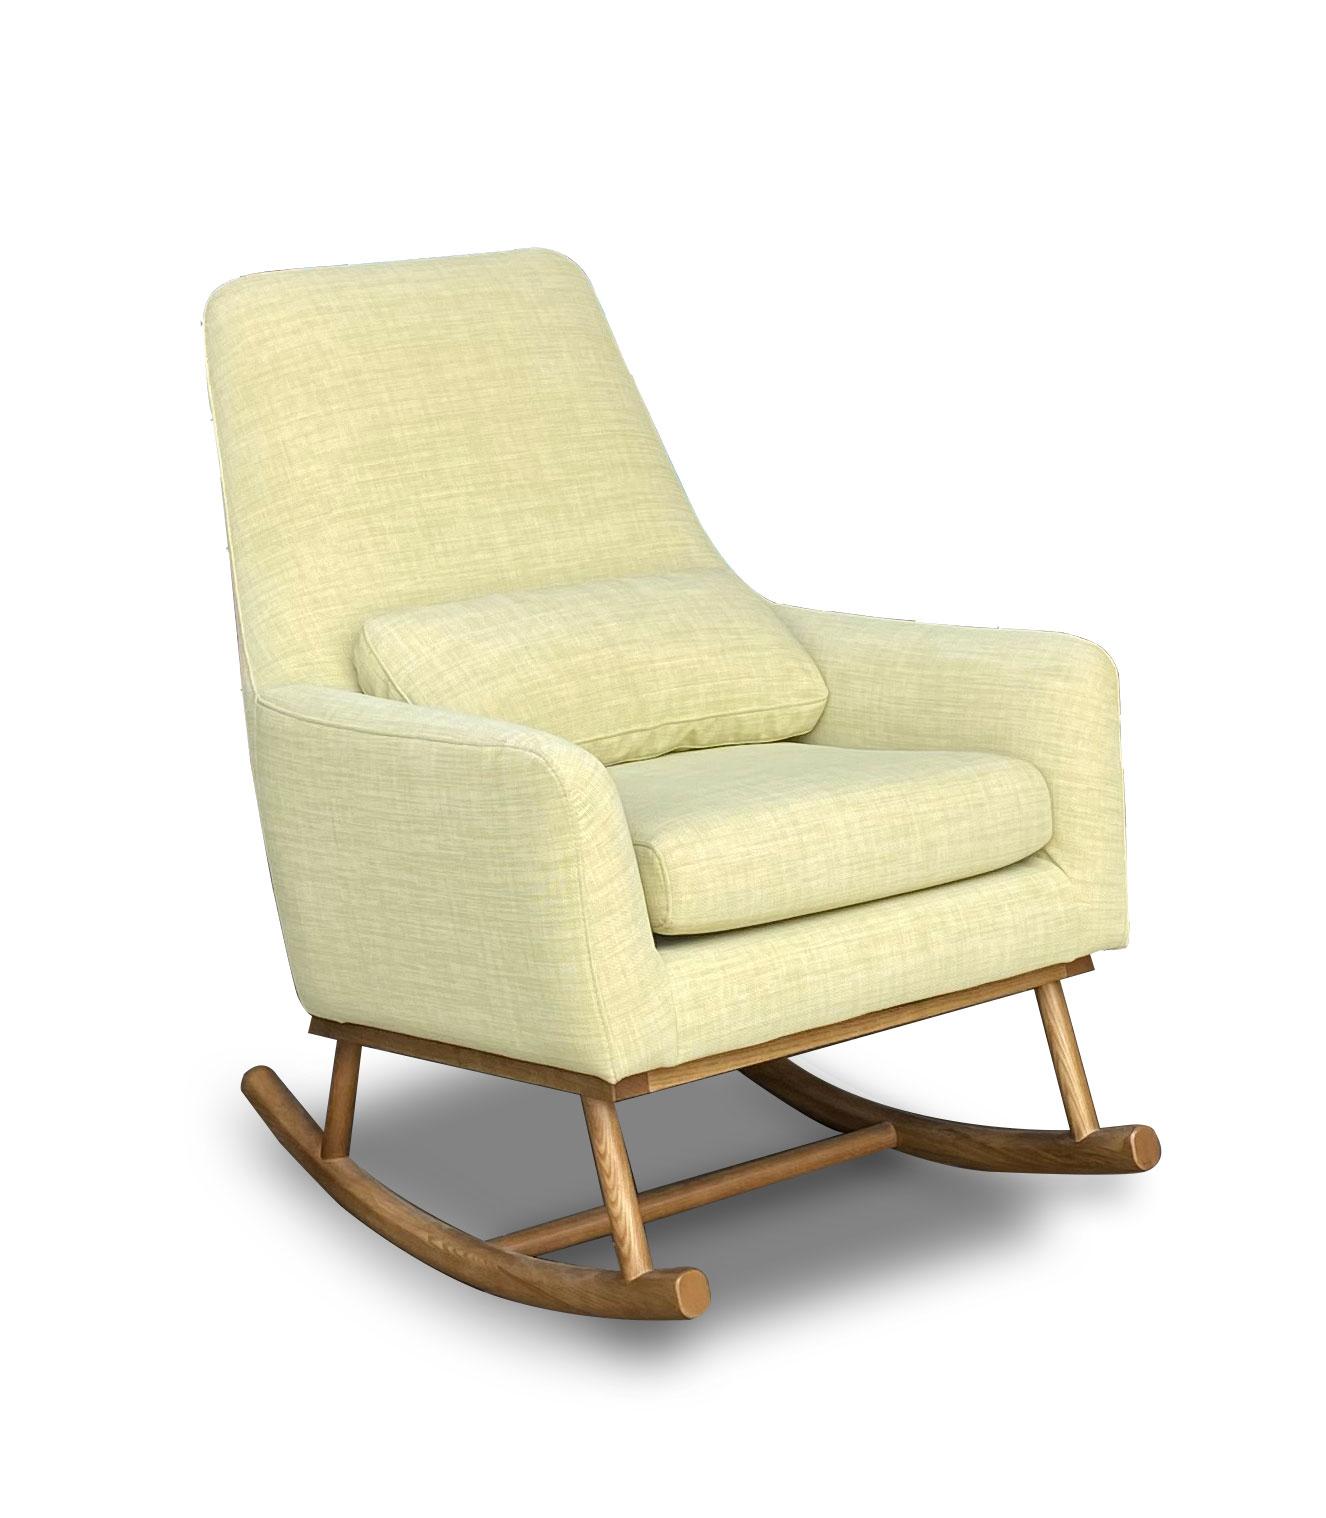 SY-006-66 逍遙椅 (不含其他產品)